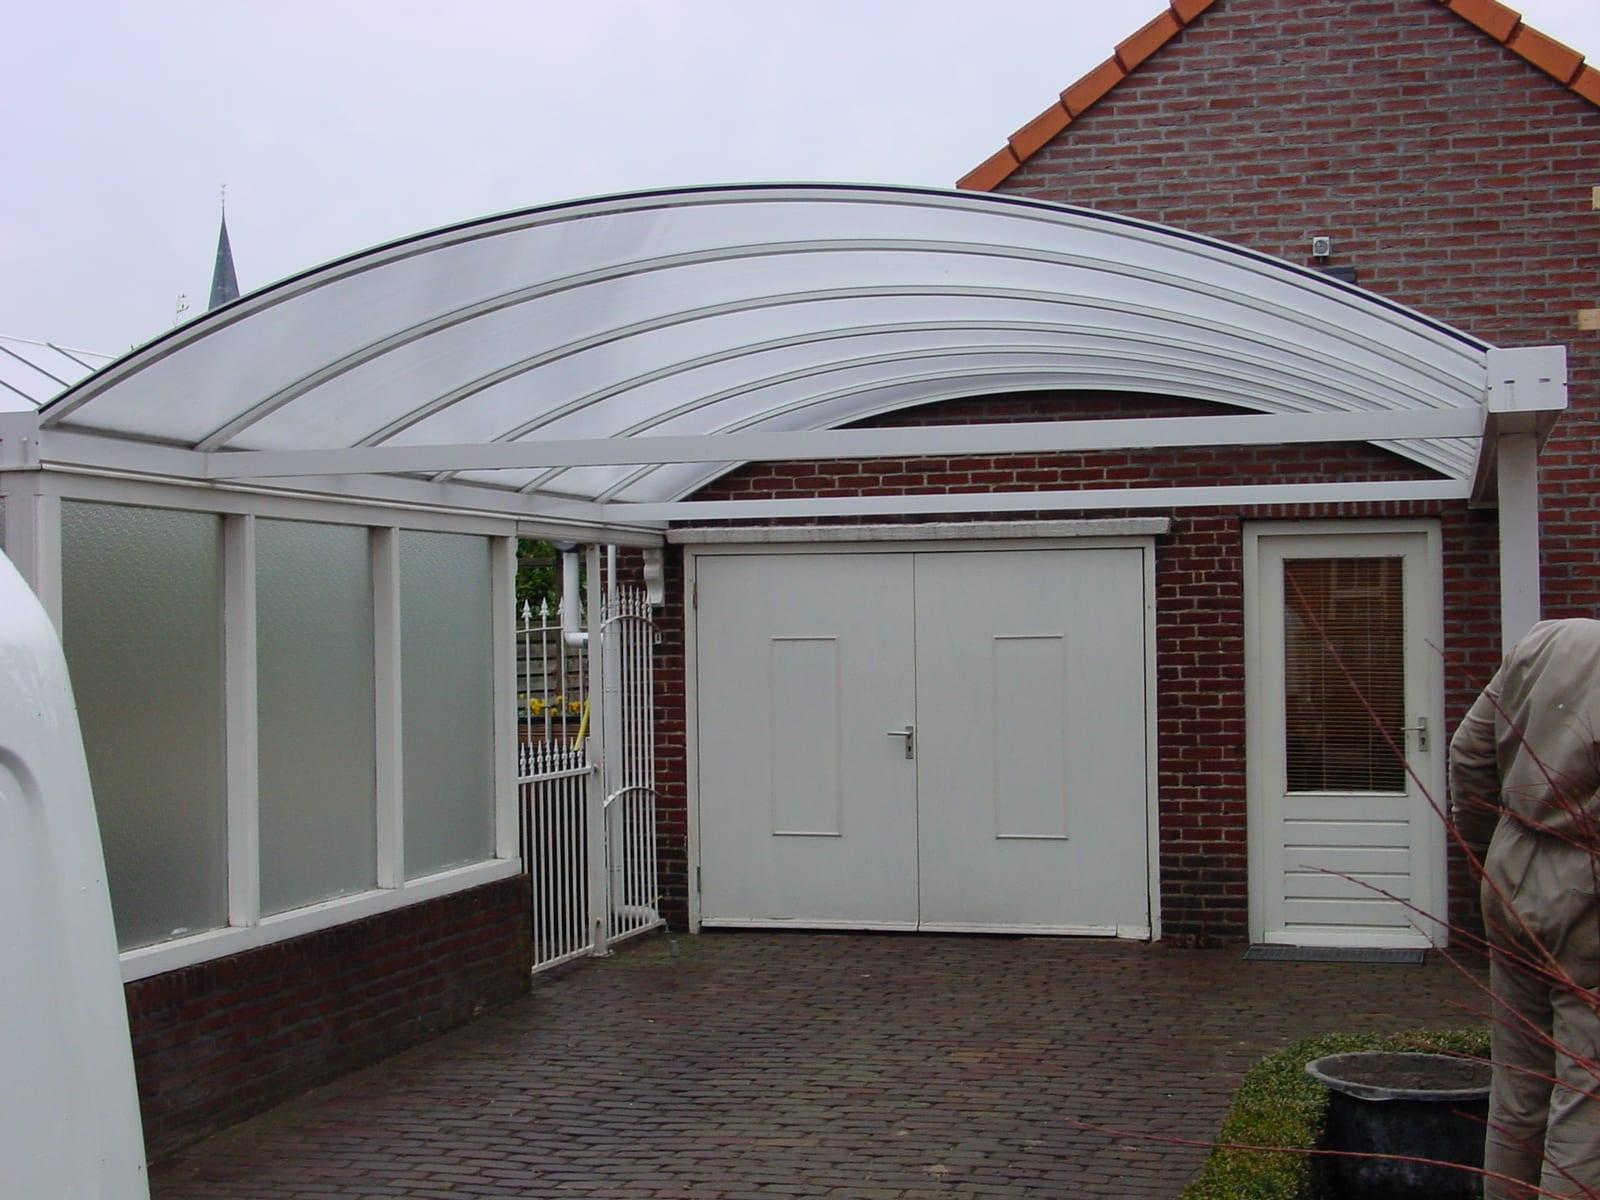 https://verandaswestvlaanderen.be/wp-content/uploads/carport-0281.jpg